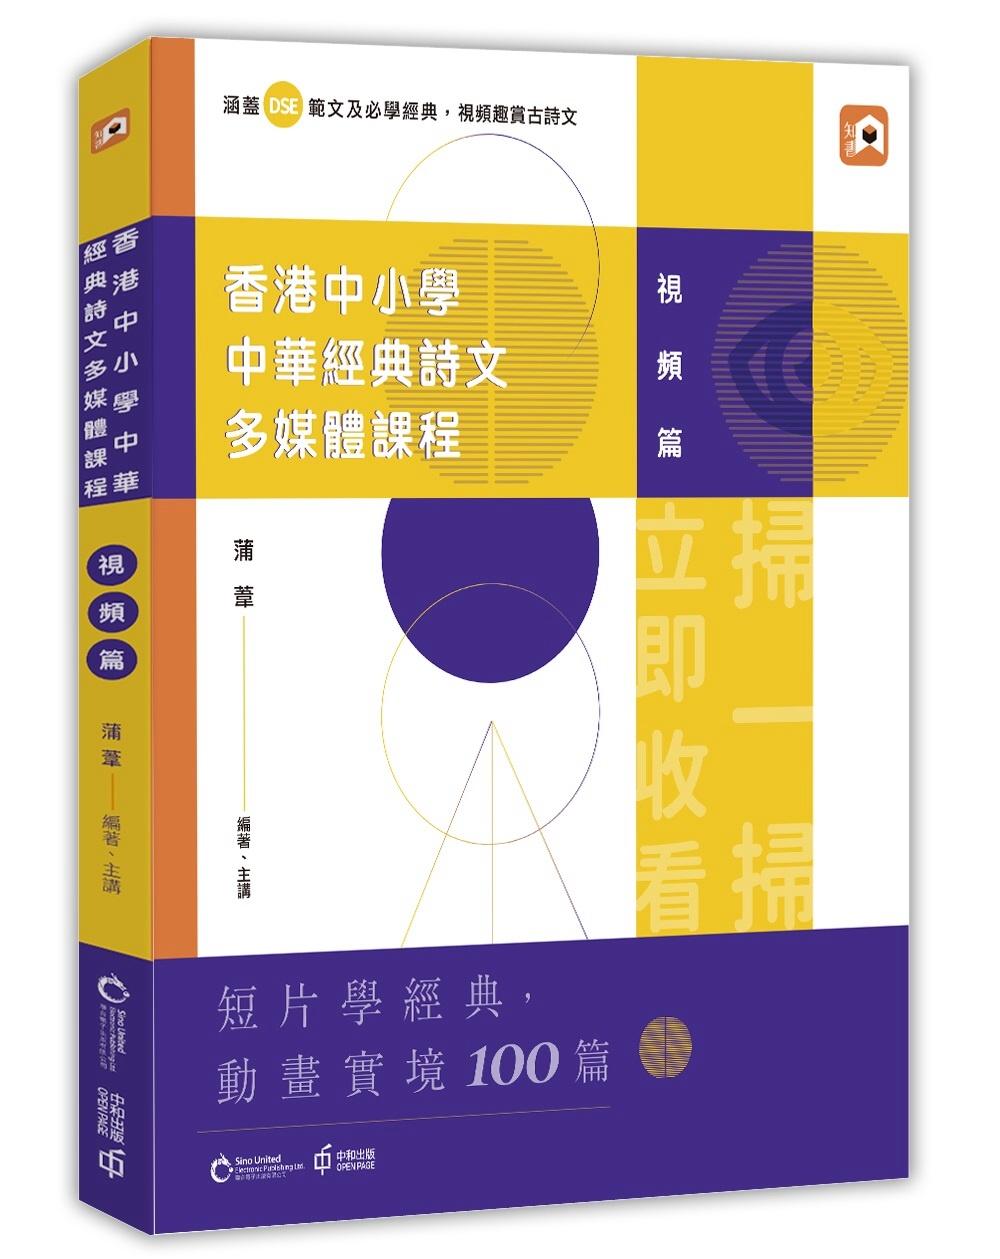 香港中小學中華經典詩文多媒體課...